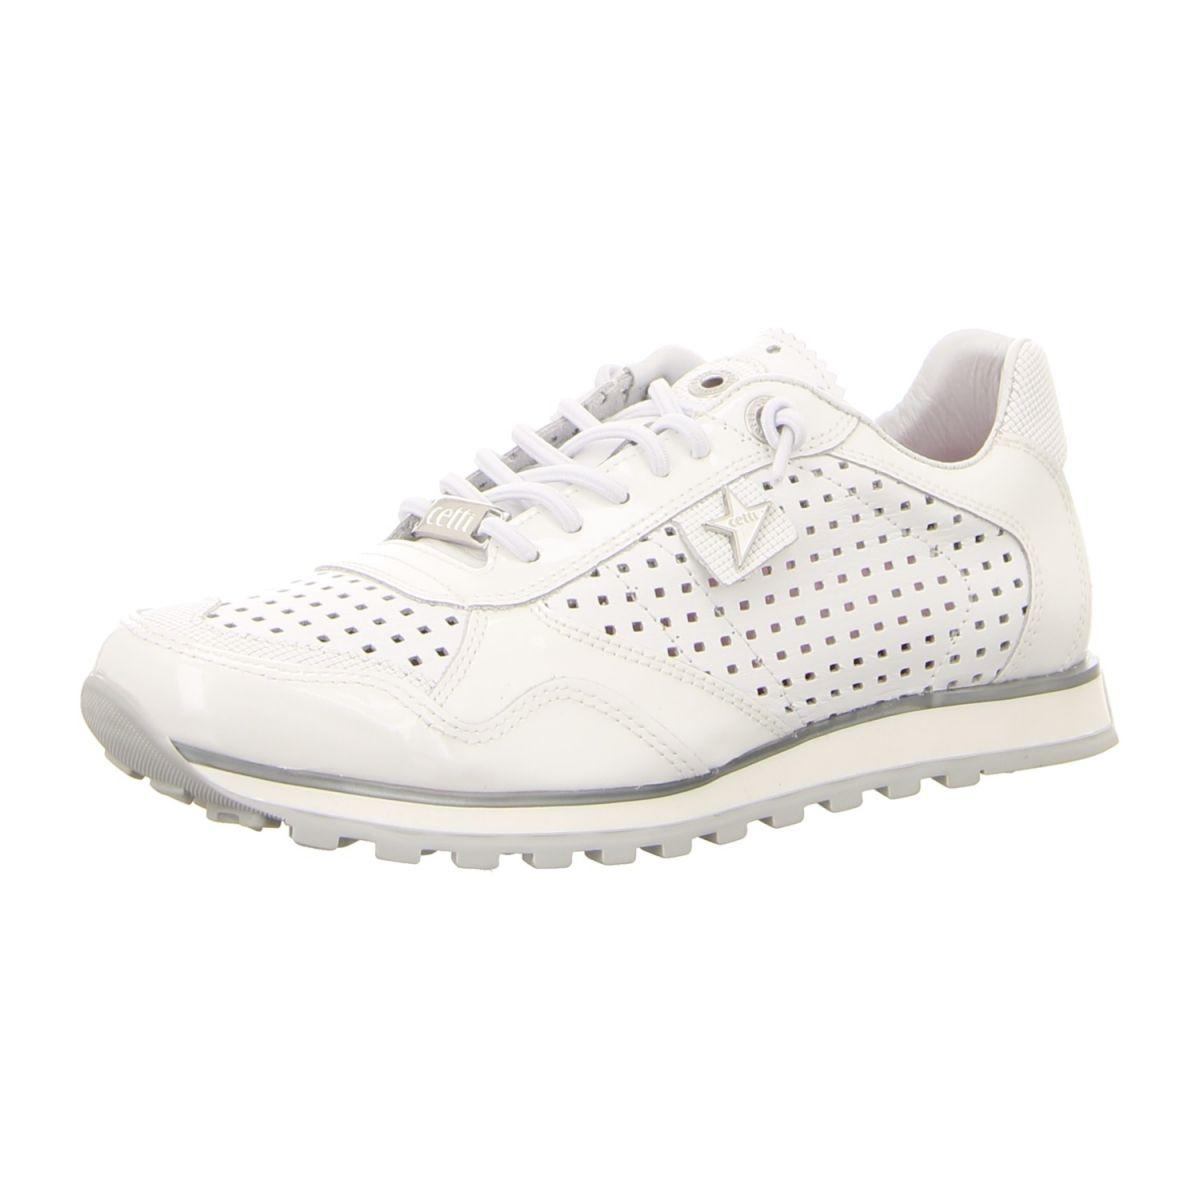 NEU: Cetti Sneaker C 848 SRA CHAROL SWEET BLANCO charol